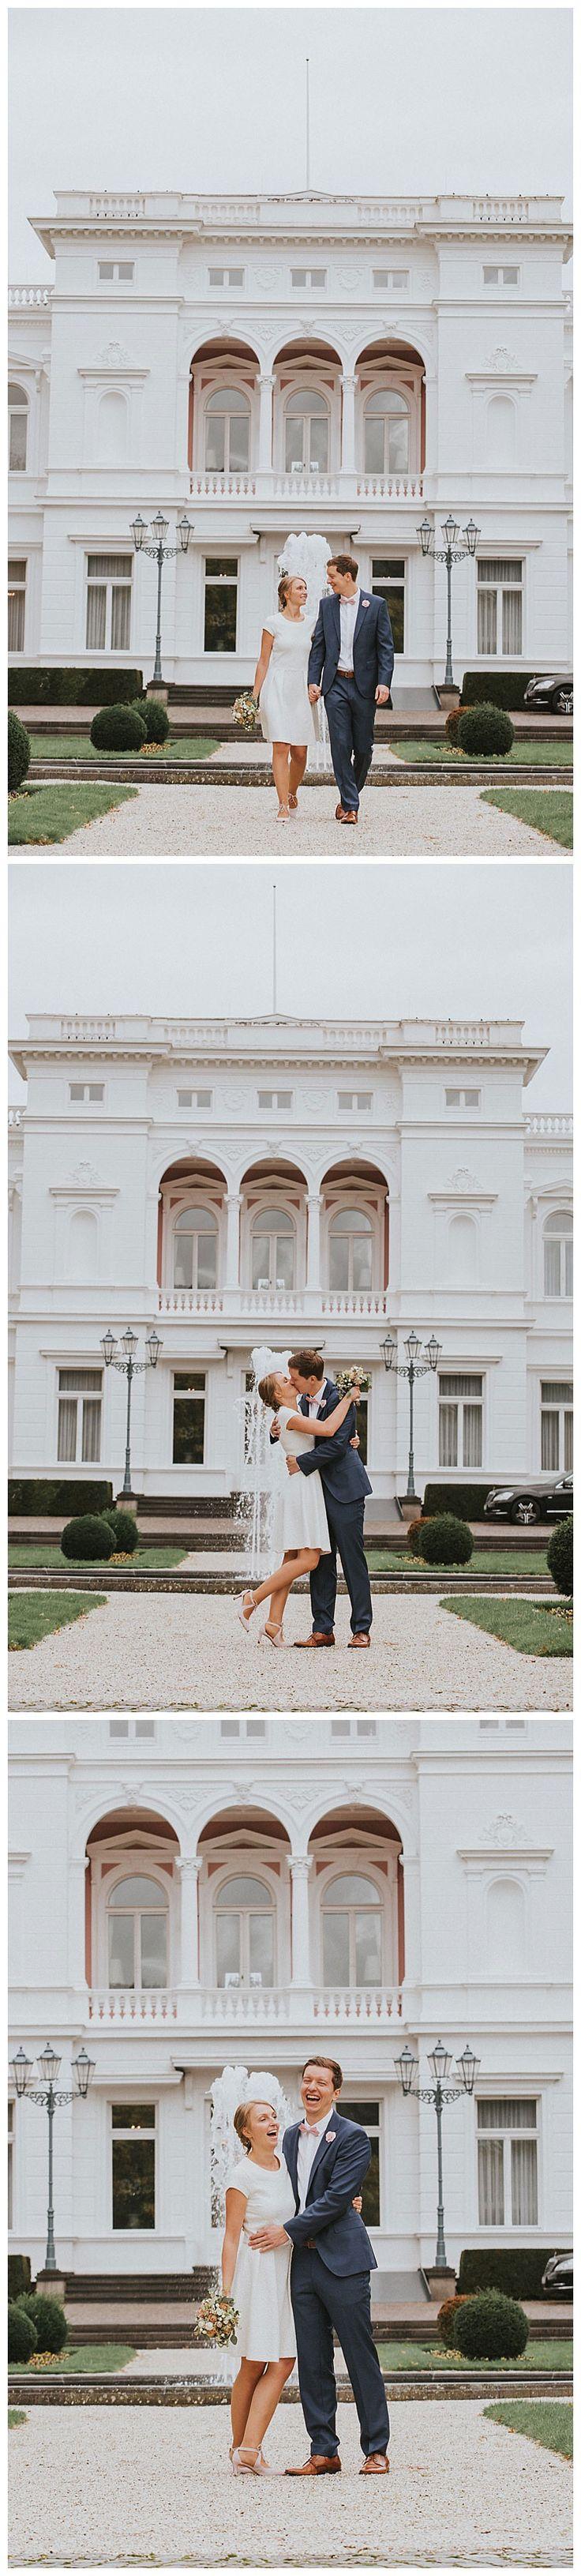 44 besten Wedding Inspirations Bilder auf Pinterest